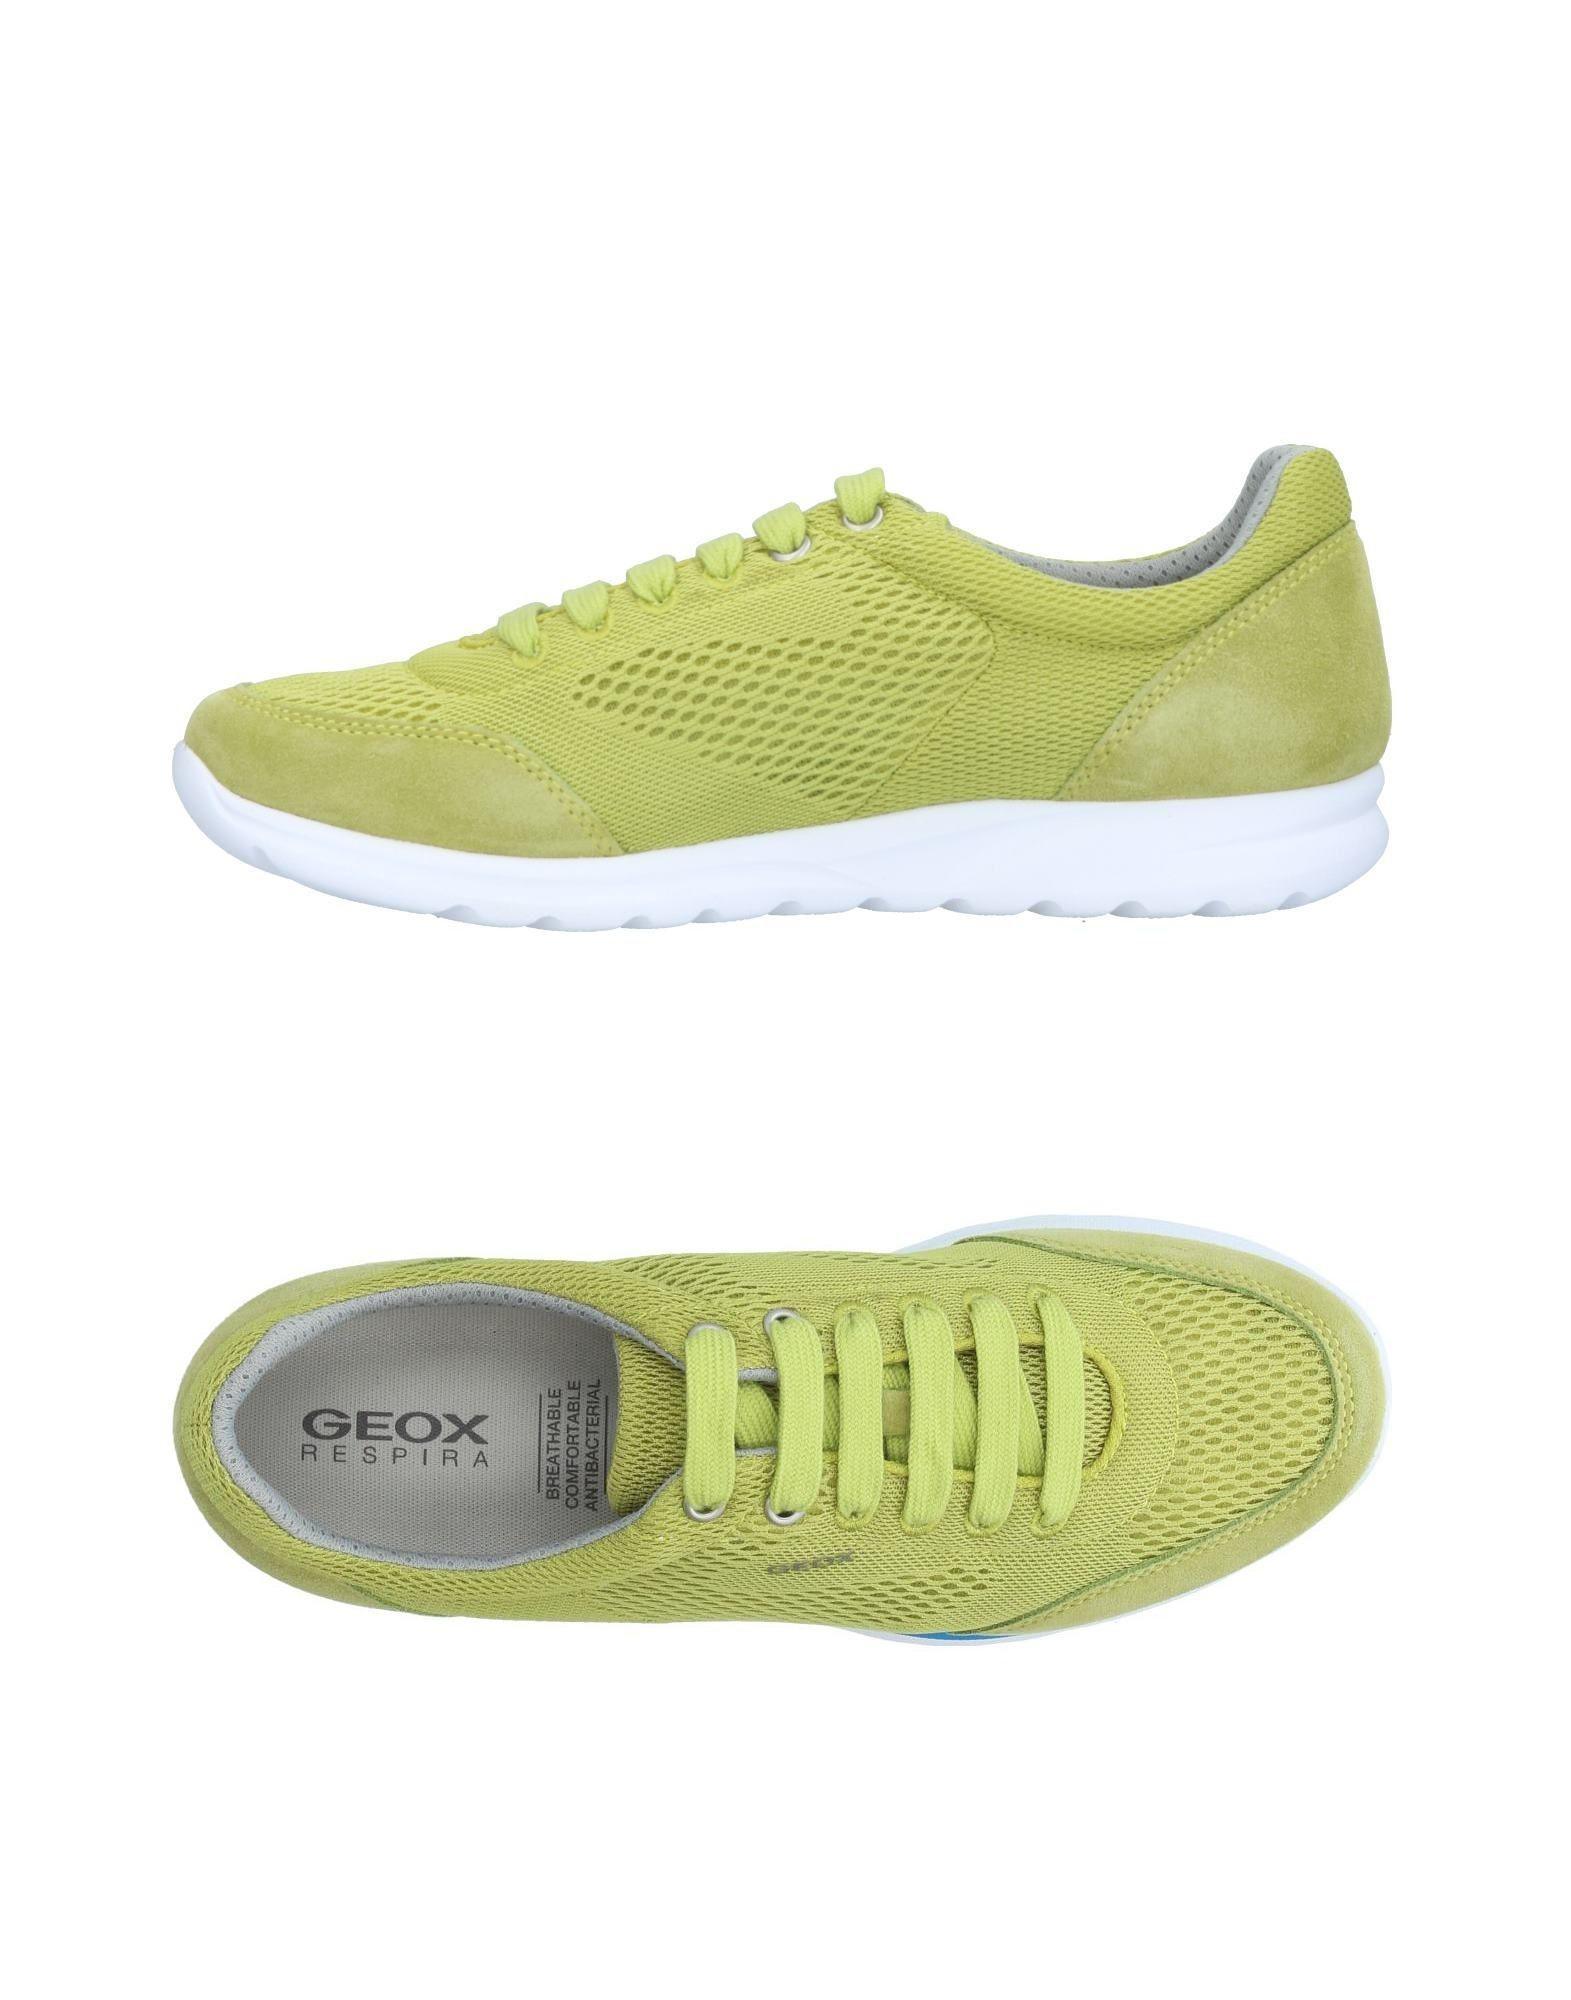 Geox Chaussures De Sport Haut Bas - Vert ynQtX7IG